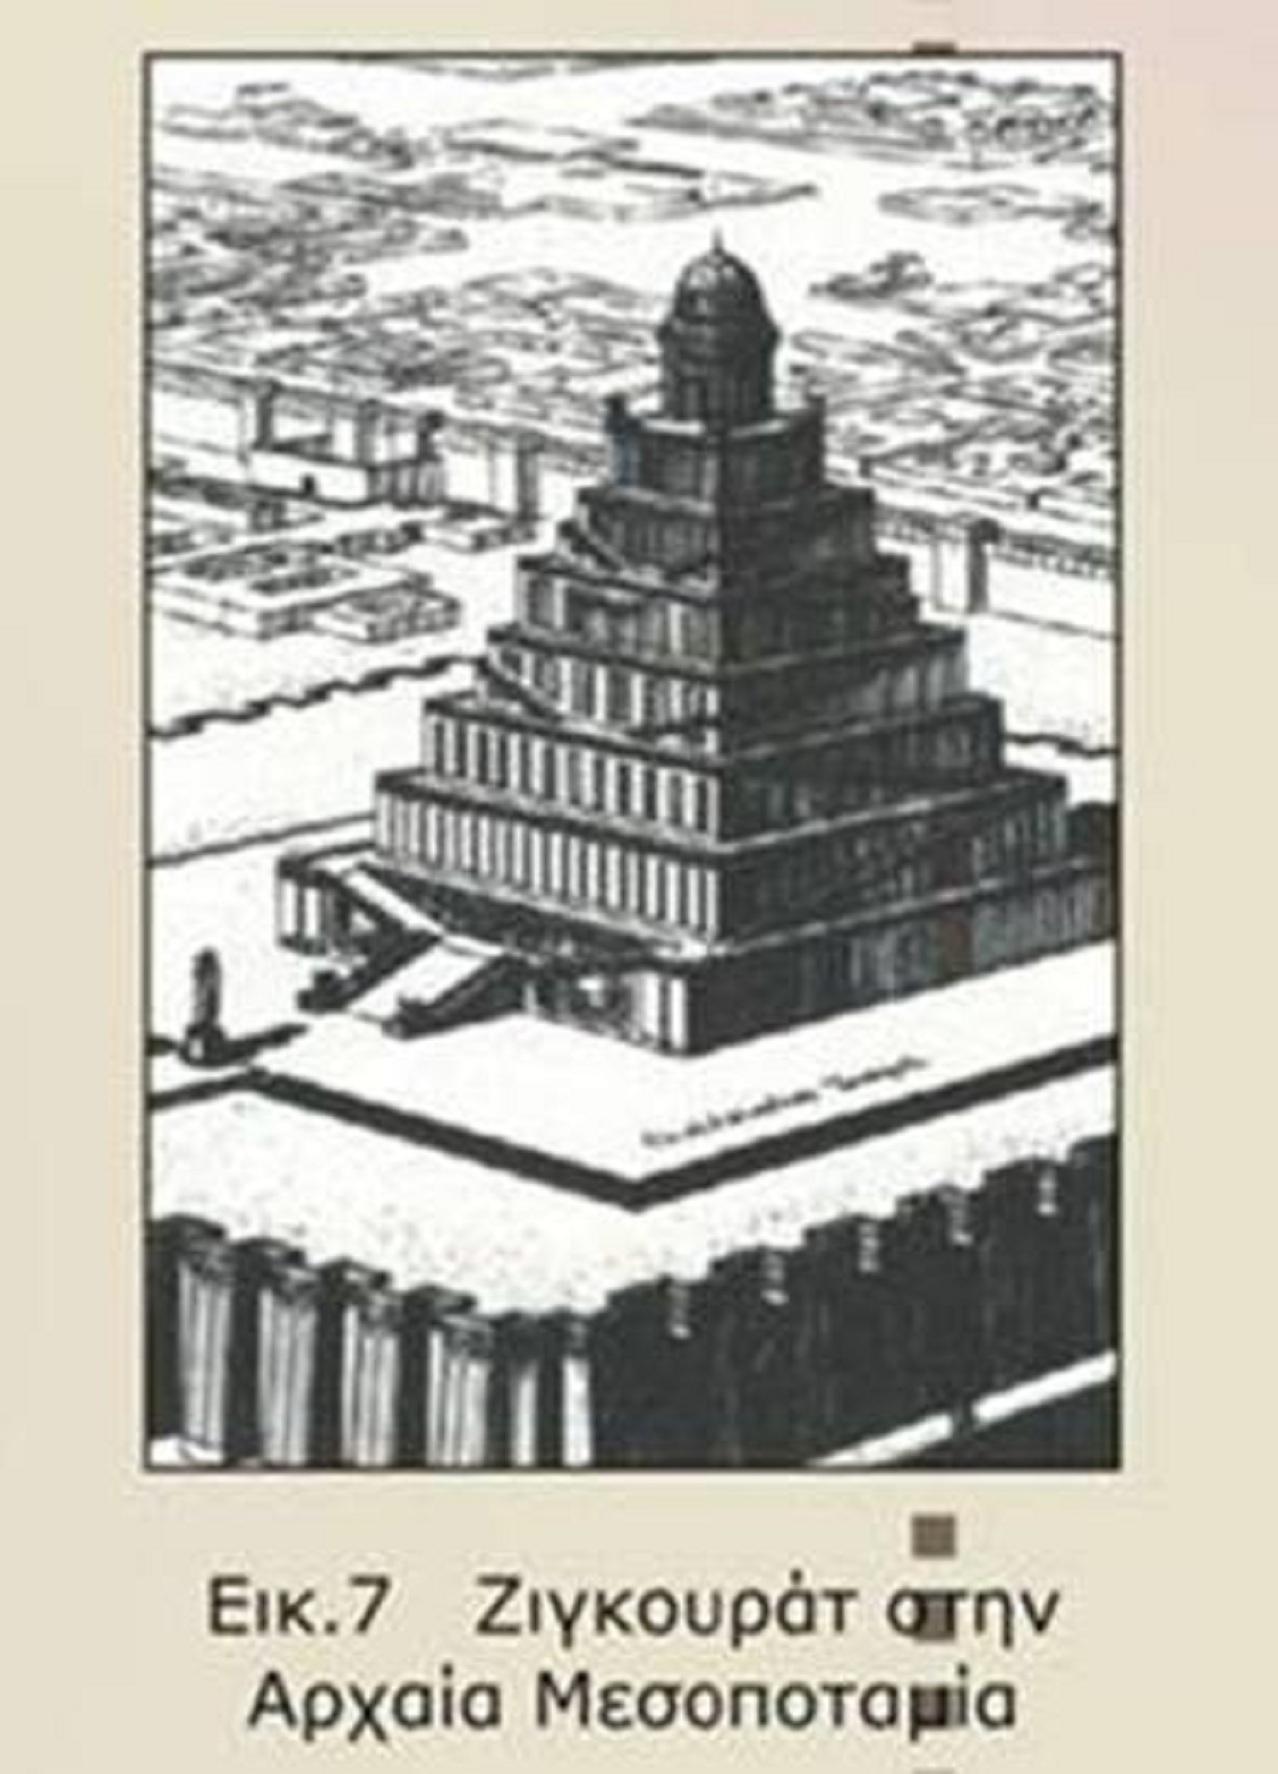 Τα ζιγκουράτ: Προ-πυραμίδες;